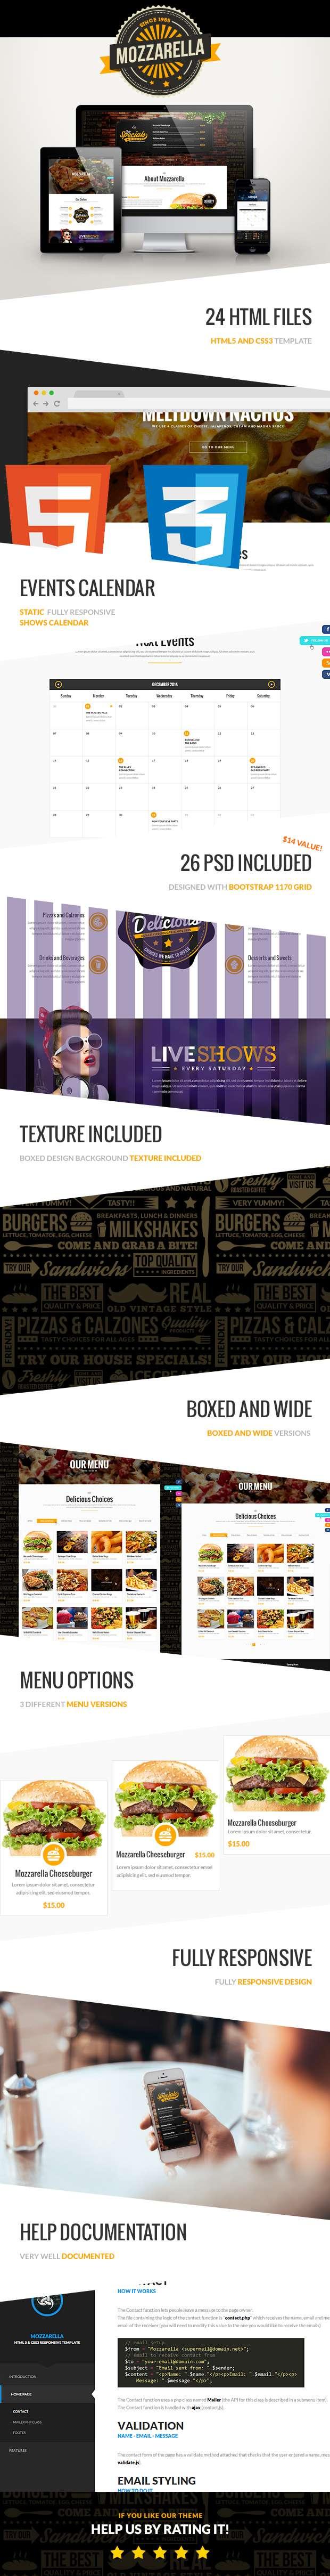 Mozzarella - HTML5 and CSS3 Cafe Bar Template - 10